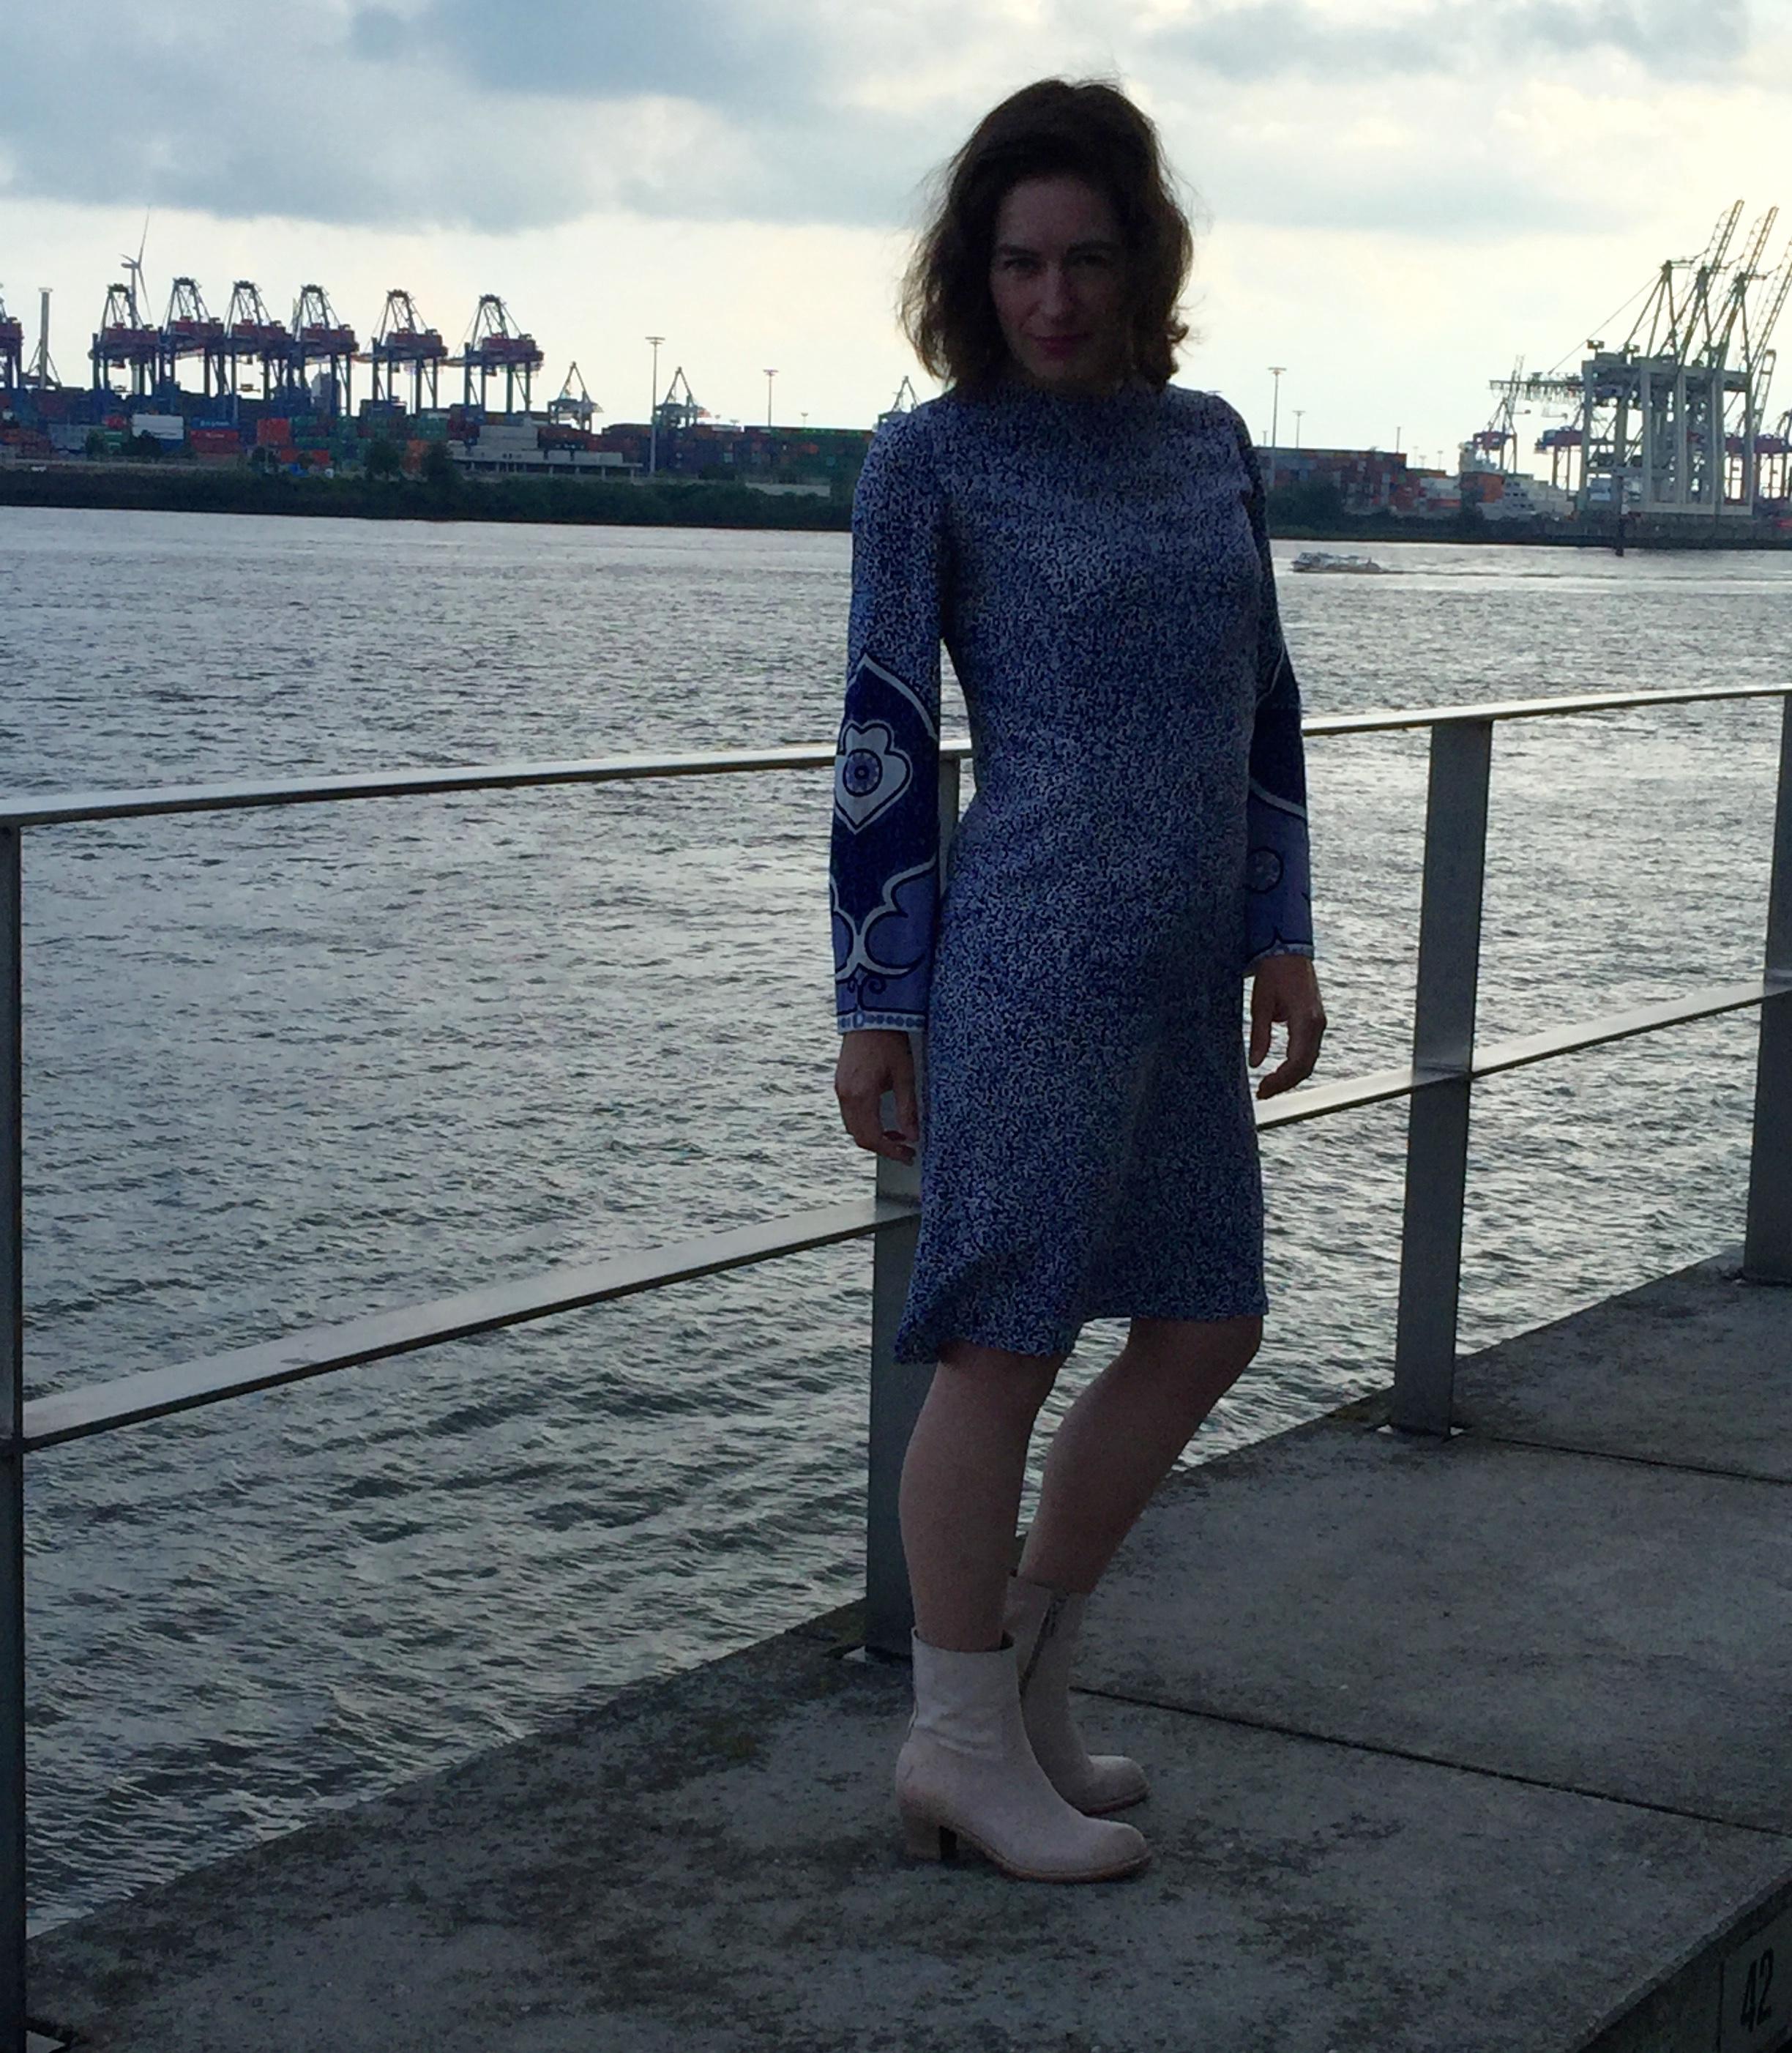 Seidenkleid-Hamburger Hafen